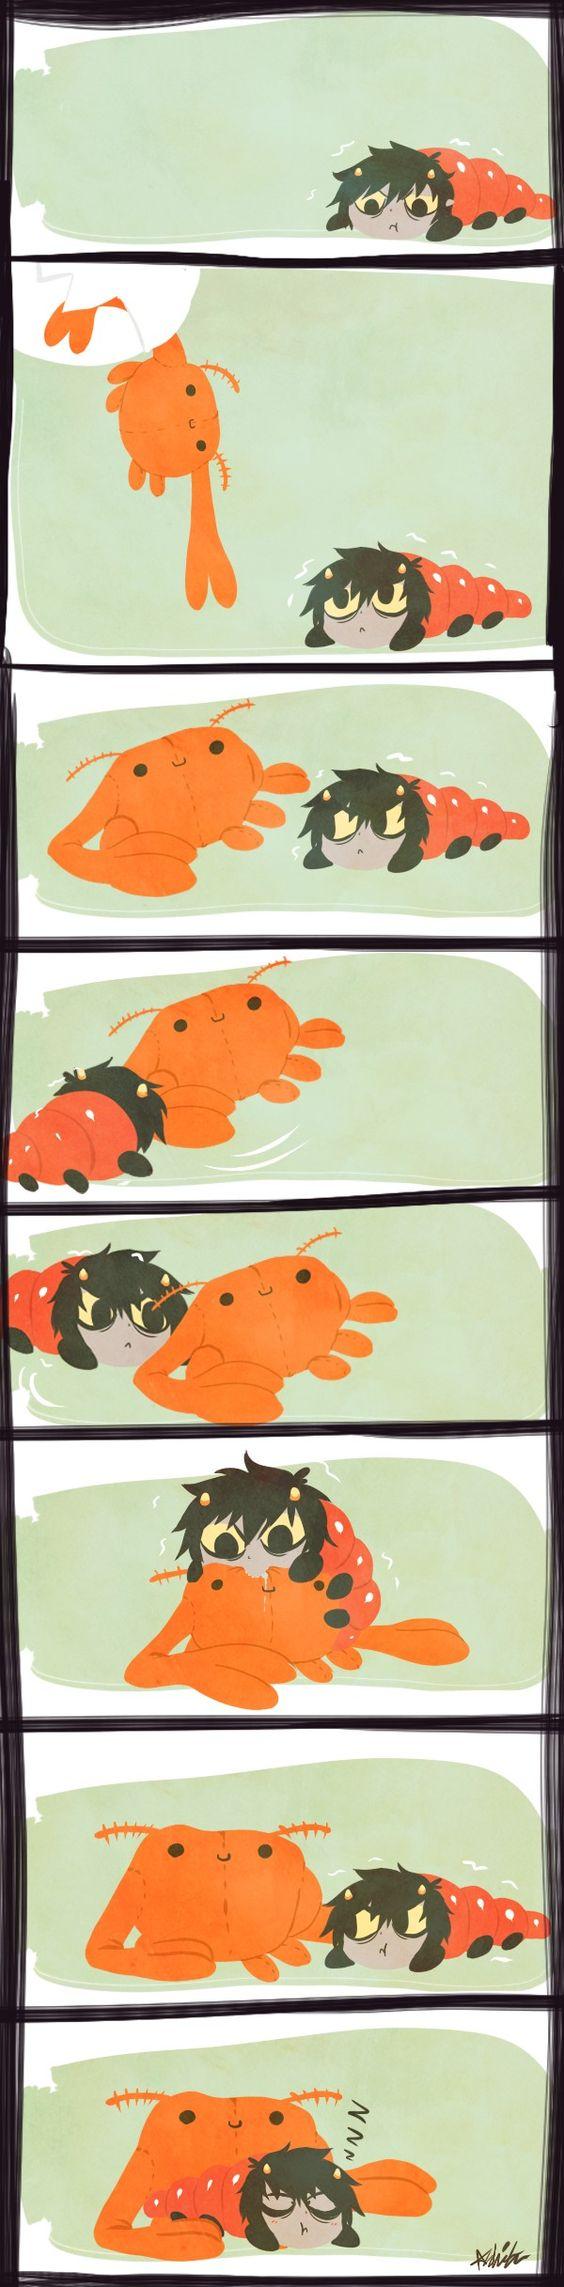 Homestuck Karkat Vantas grub and Crabdad